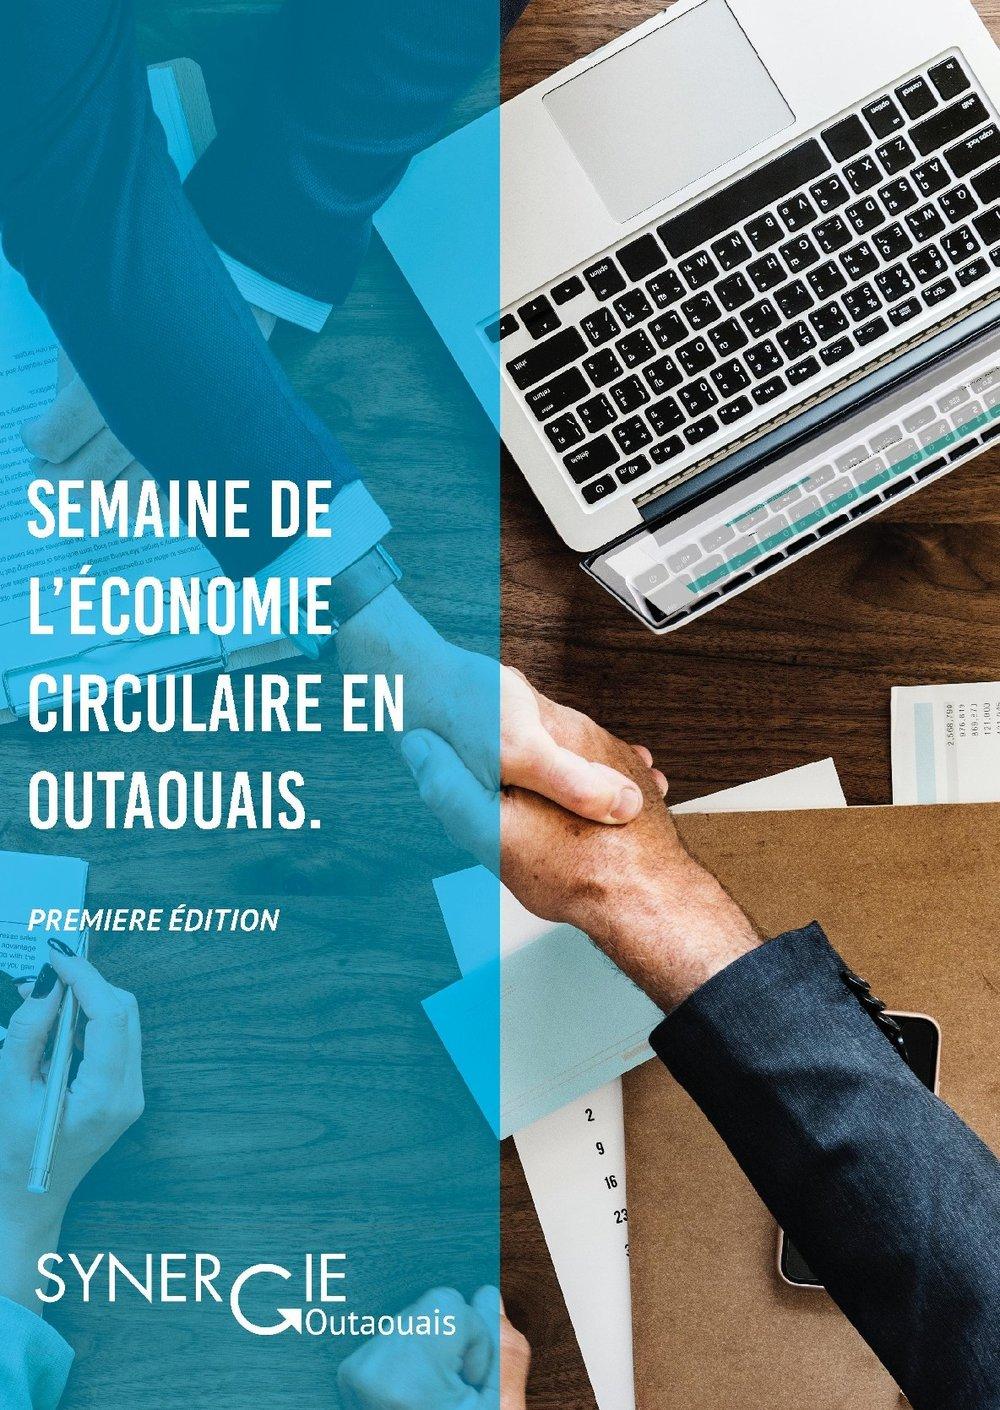 - Nous avons lancé la toute première Semaine de l'économie circulaire en Outaouais le 2 octobre 2017 aux bureaux du Groupe Nordik lors de notre 5@7 Les Rendez-Vous Synergiques.Vous pouvez retrouver l'horaire complet des activités de la semaine iciPour l'occasion nous avons eu l'honneur de compter sur la présence de M. Maxime Pedneaud-Jobin (maire de Gatineau), M. Dany Michaud (PDG de Recyc-Québec), Mme Maryse Gaudreault (députée de Hull), Mme Mélissa Begeron (directrice générale de la SADC Papineau) et M. Jean-Claude Des Rosiers (président de la Chambre de Commerce de Gatineau), sans oublier la présence de M. Michel Smith (directeur de Tricentris à Gatineau), notre ambassadeur passionné! Deux de nos entreprises partenaires ont également témoigné de leurs efforts en développement durable et en économie circulaire : le Spa Nordik et Les Brasseurs du Temps. Merci à vous tous!